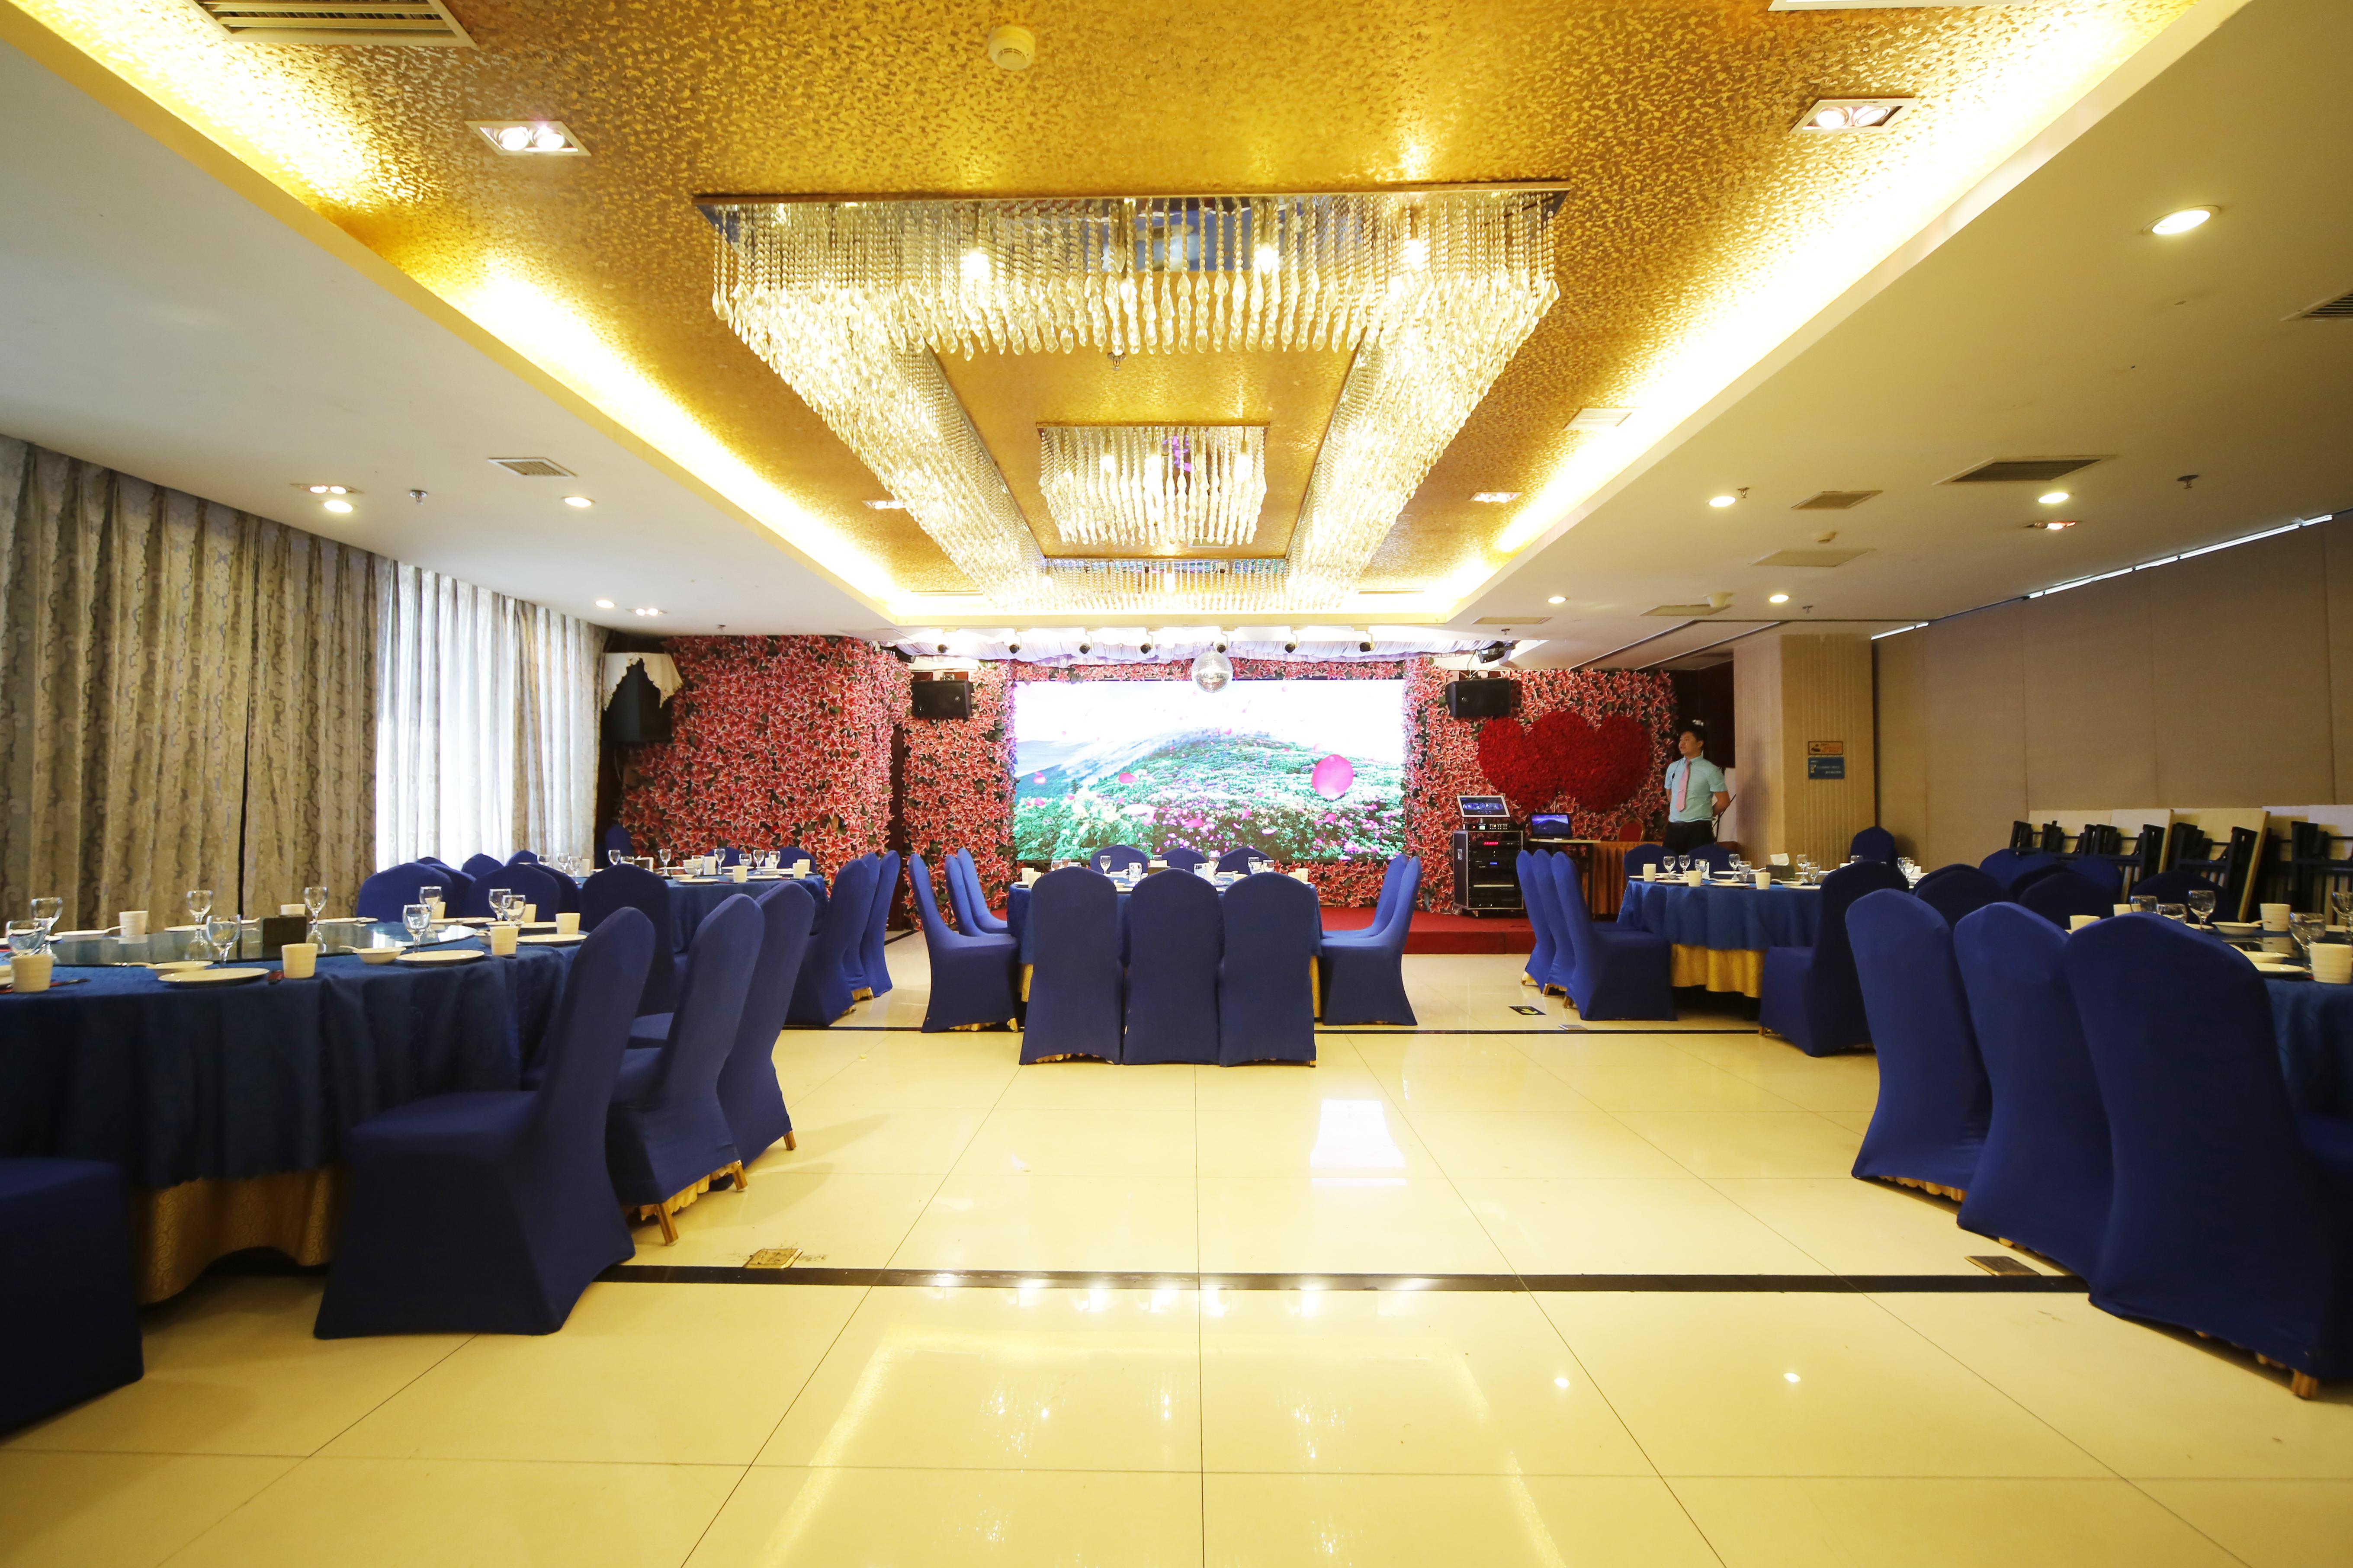 北京热带雨林餐厅